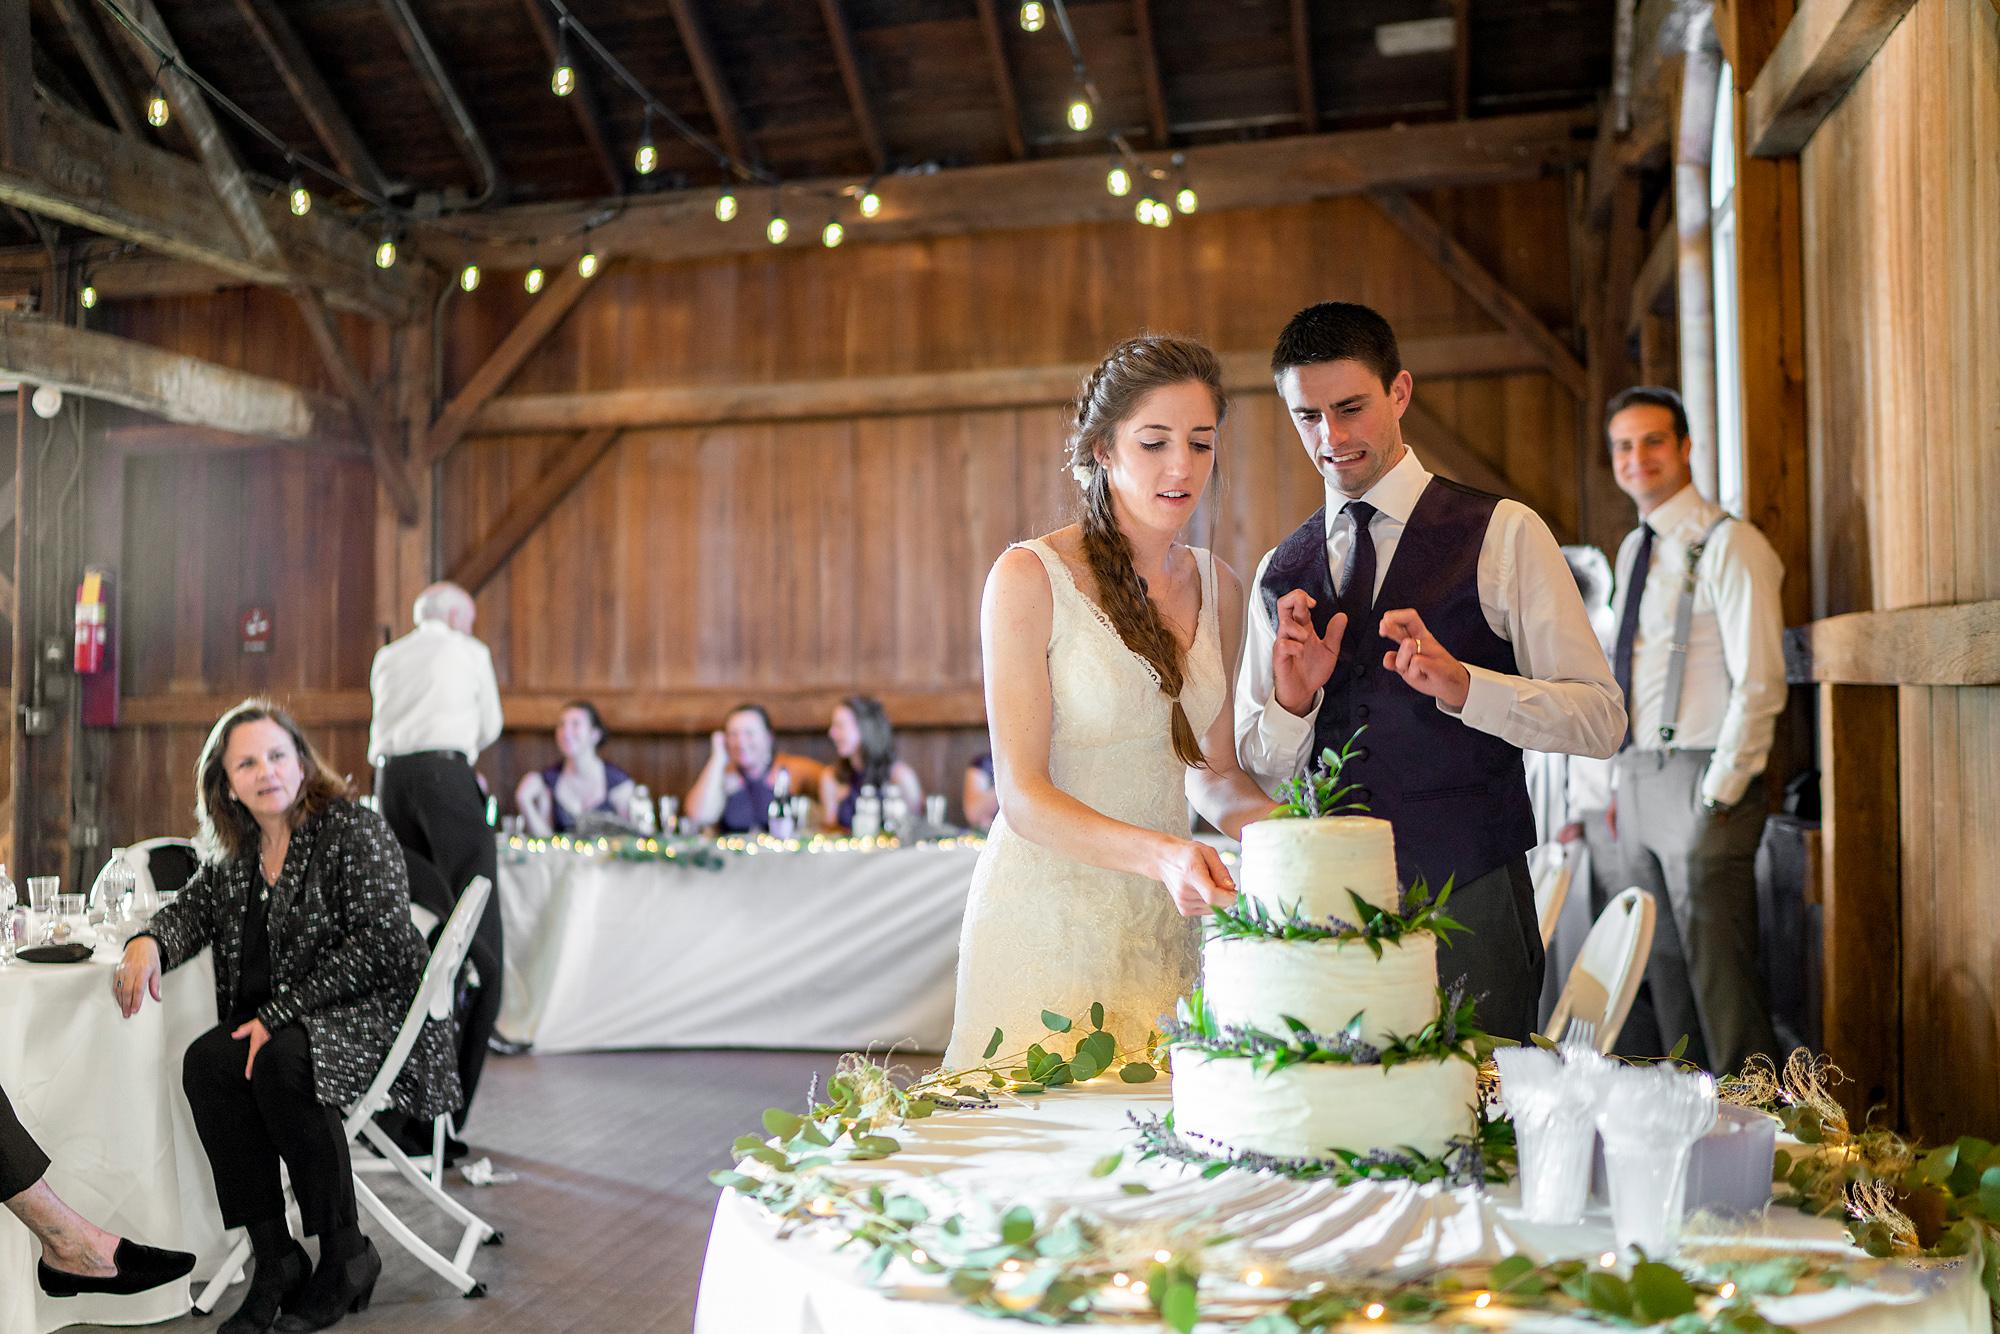 Polen-Farm-Wedding-Photos-43.jpg